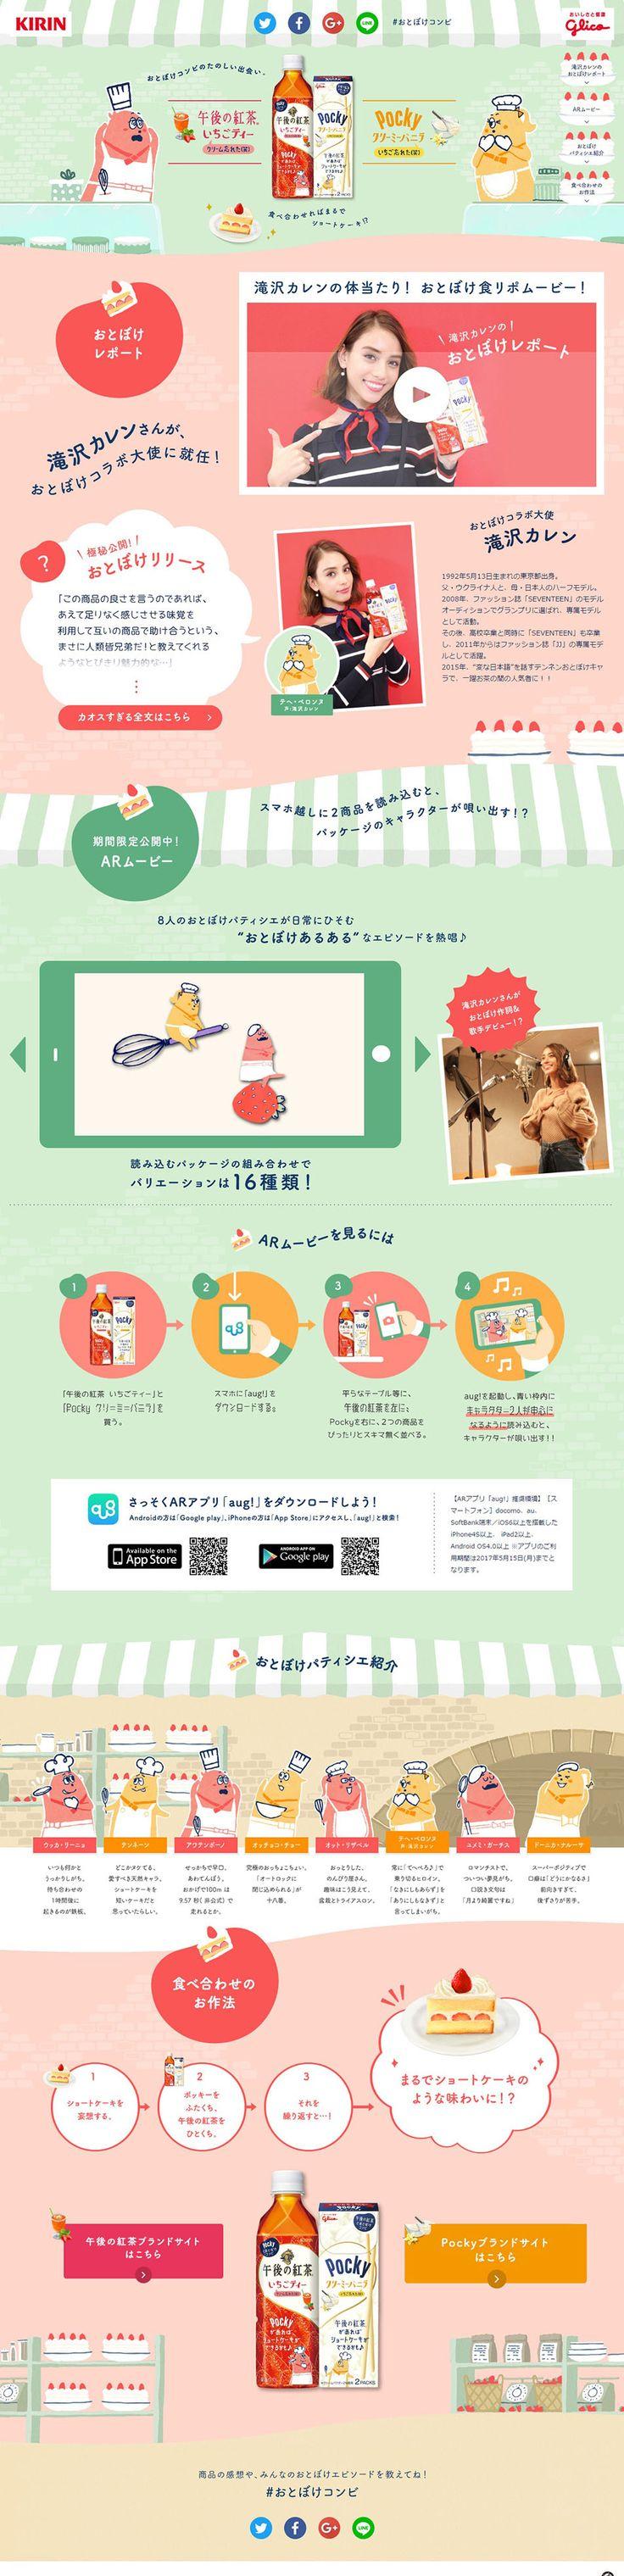 午後の紅茶×Pocky【食品関連】のLPデザイン。WEBデザイナーさん必見!ランディングページのデザイン参考に(かわいい系)